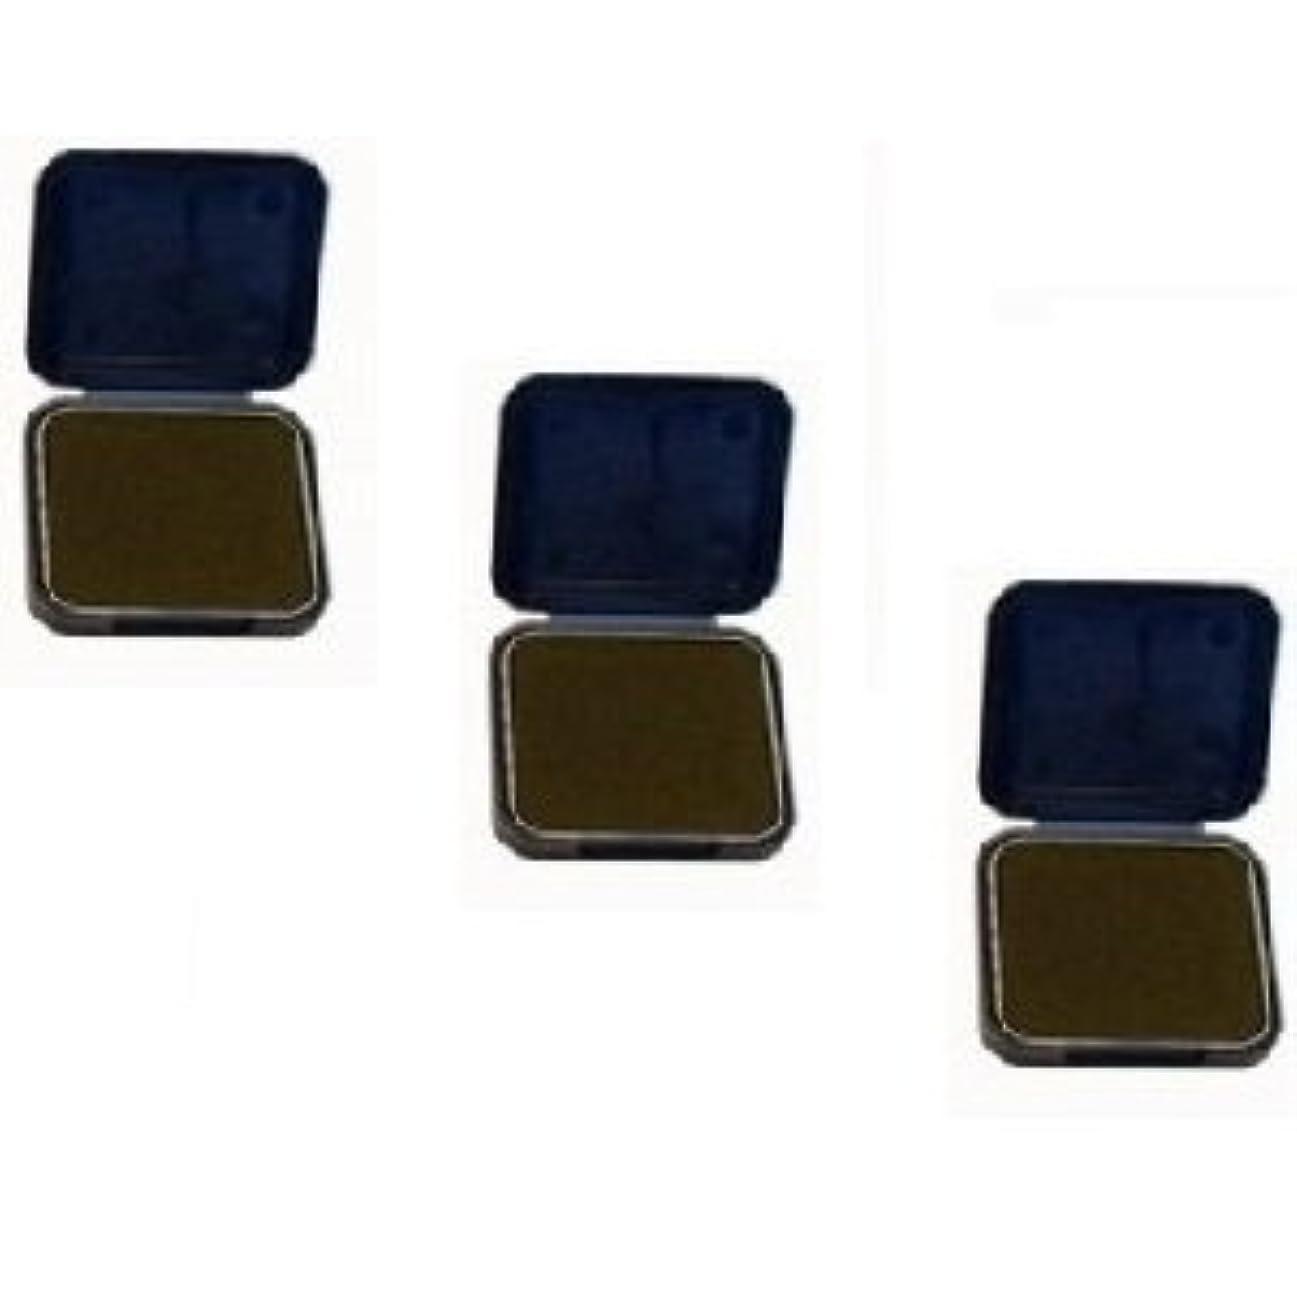 整理する宣言欠乏【3個セット】 アモロス 黒彩 ヘアファンデーション 13g 栗黒 詰替え用レフィル